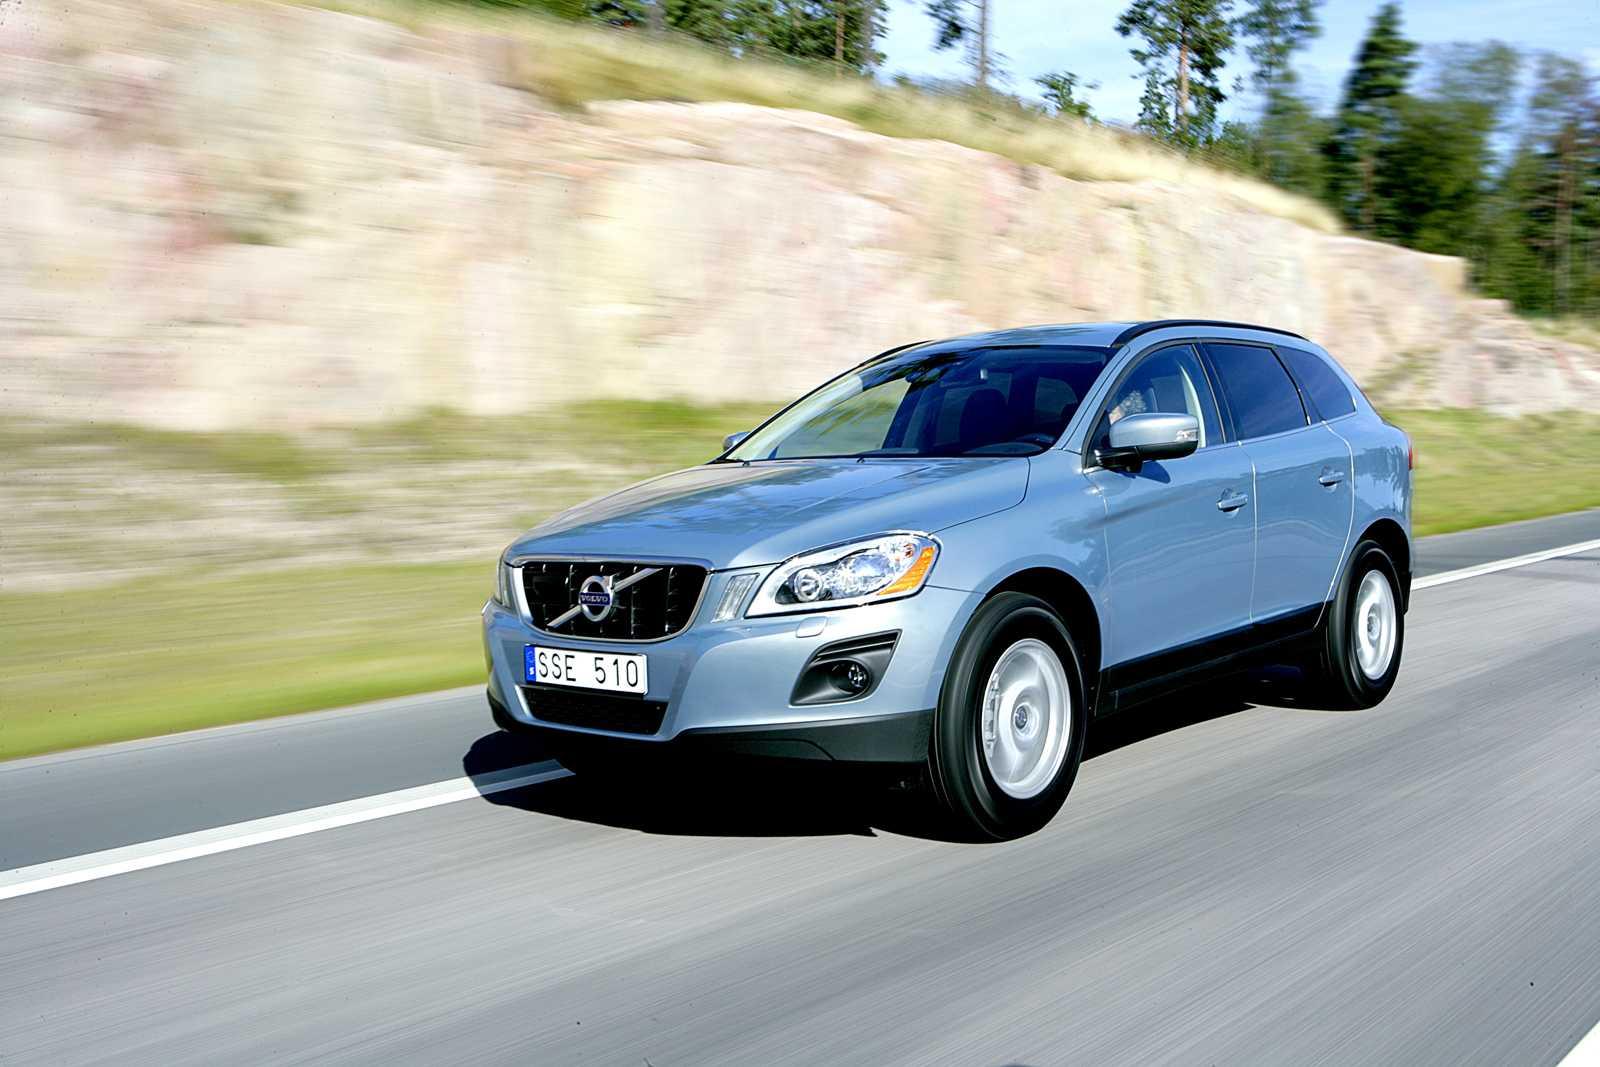 Volvo XC60, ligger bäst till av bilar med moderna säkerhetssystem enligt en ny undersökning. Foto: PER BJÖRN